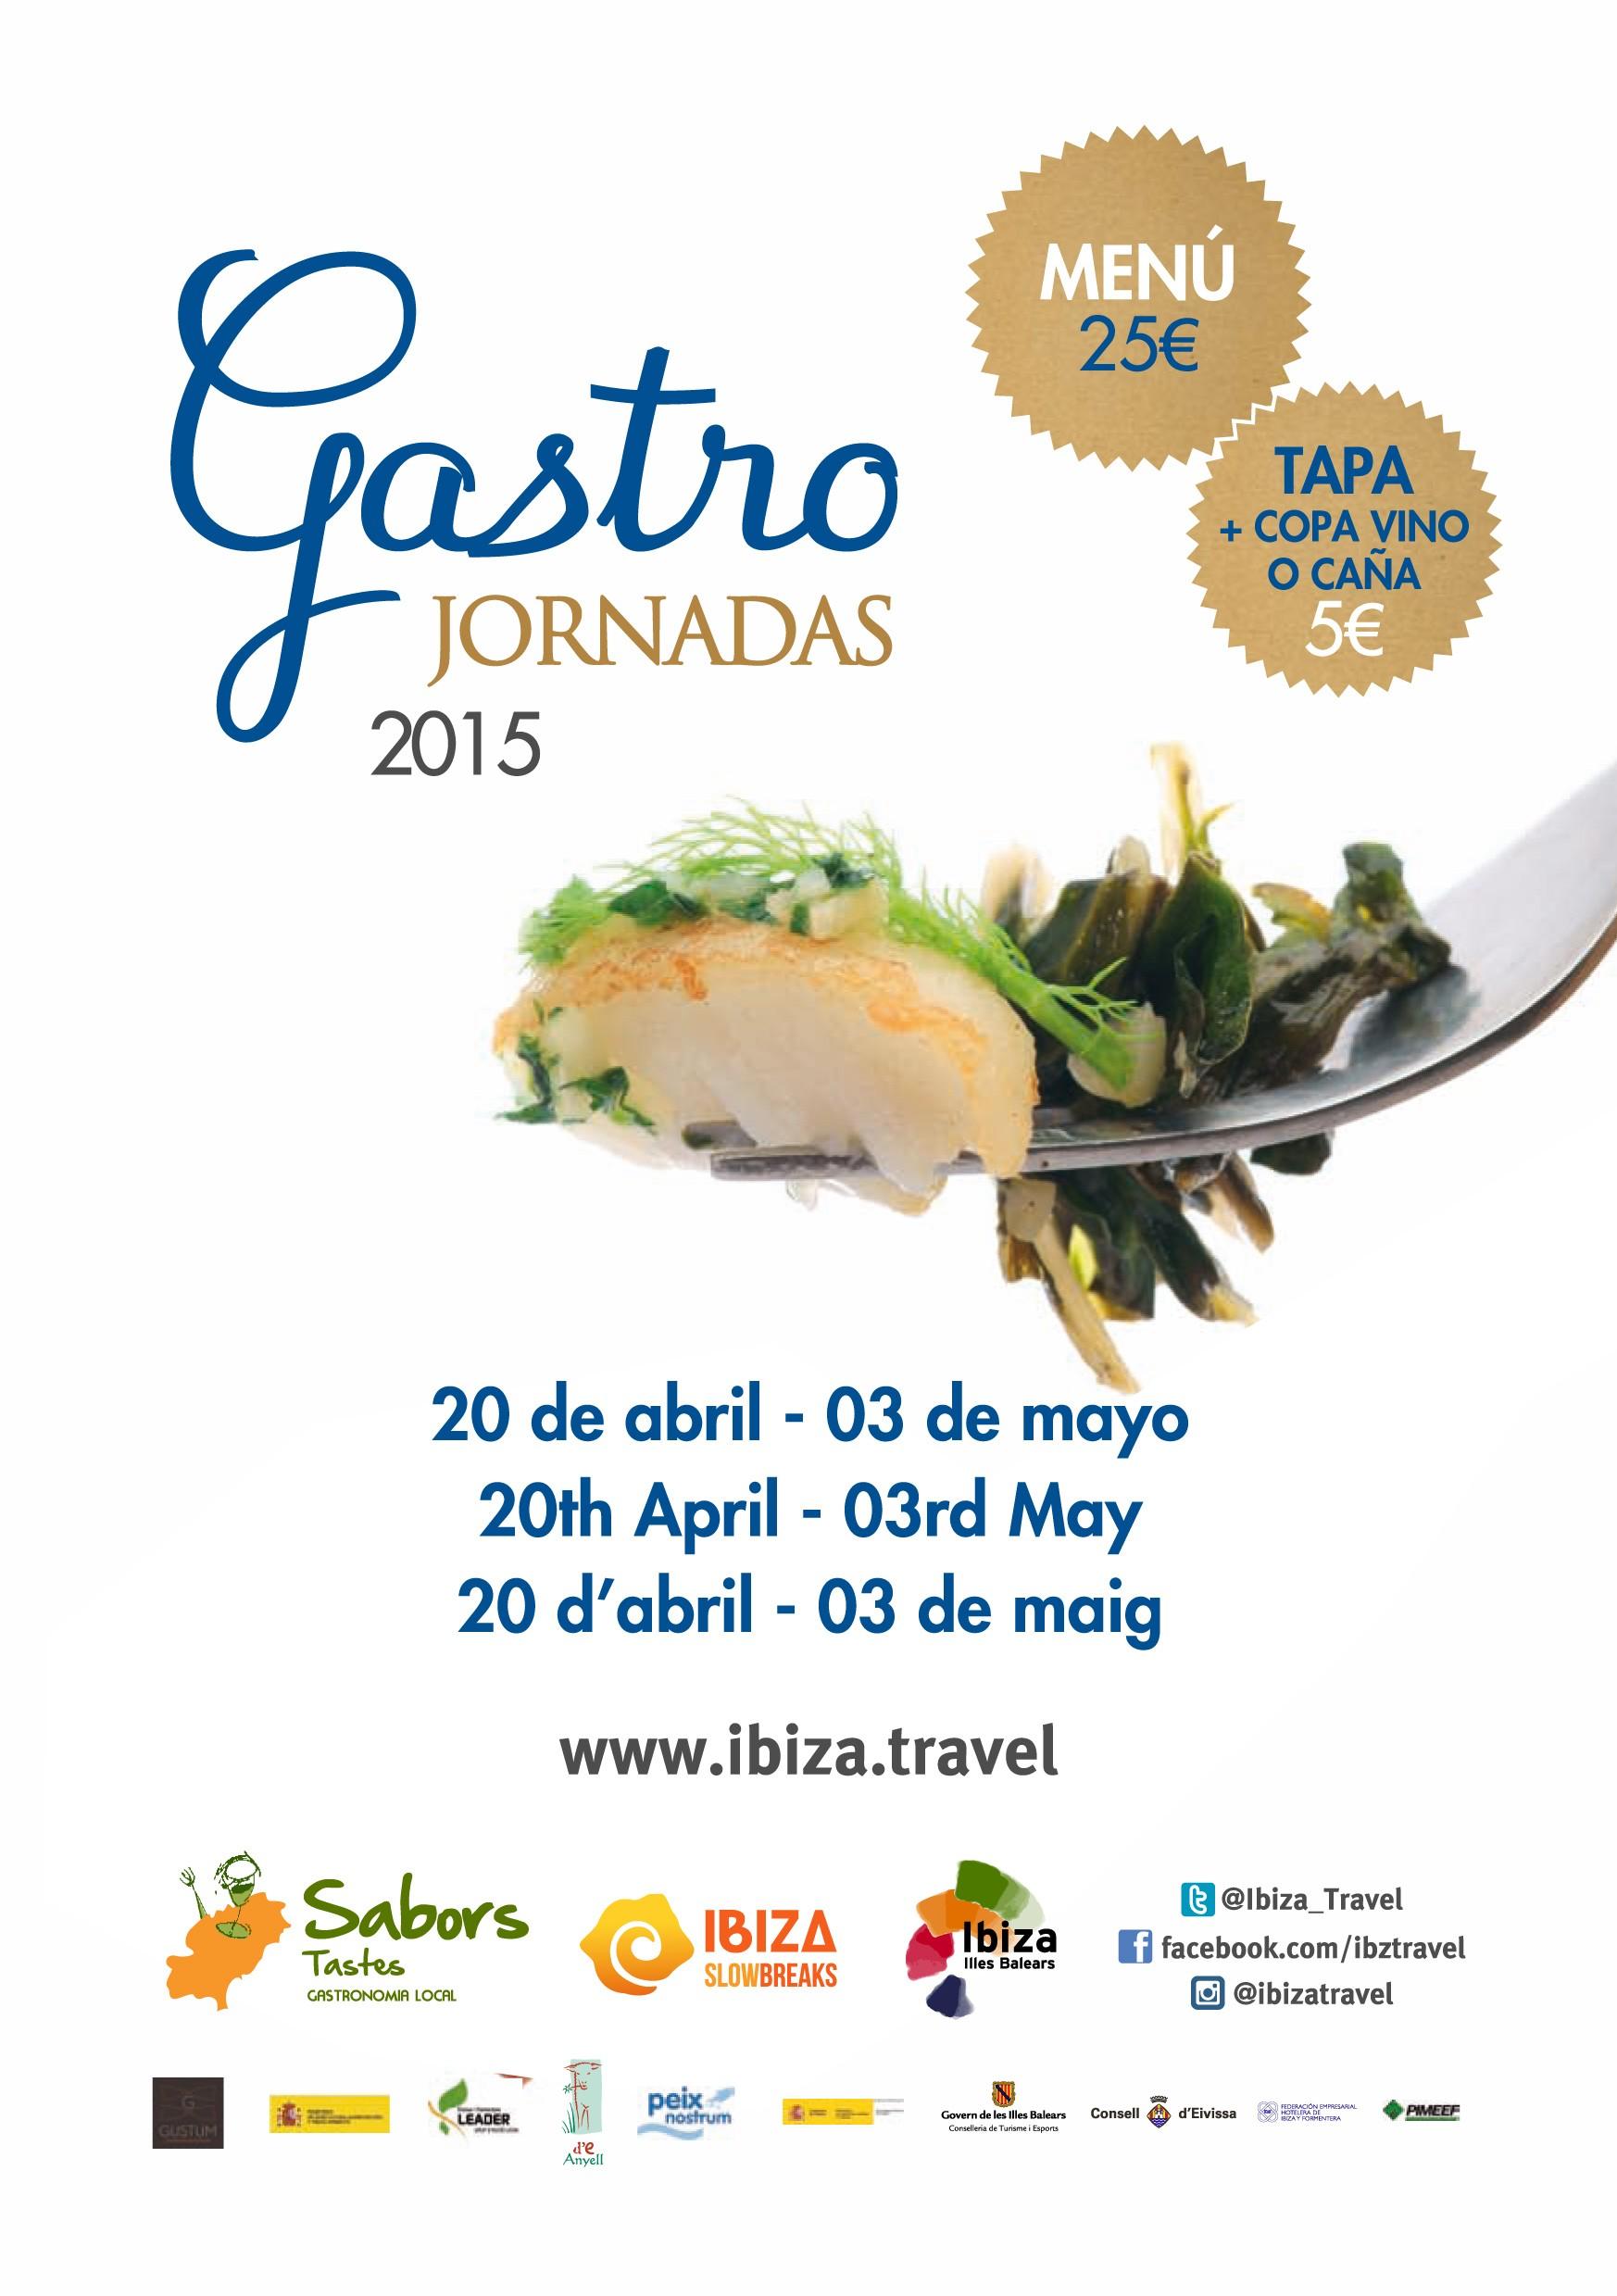 Gastro Jornadas Ibiza - Ibiza 5 Sentidos